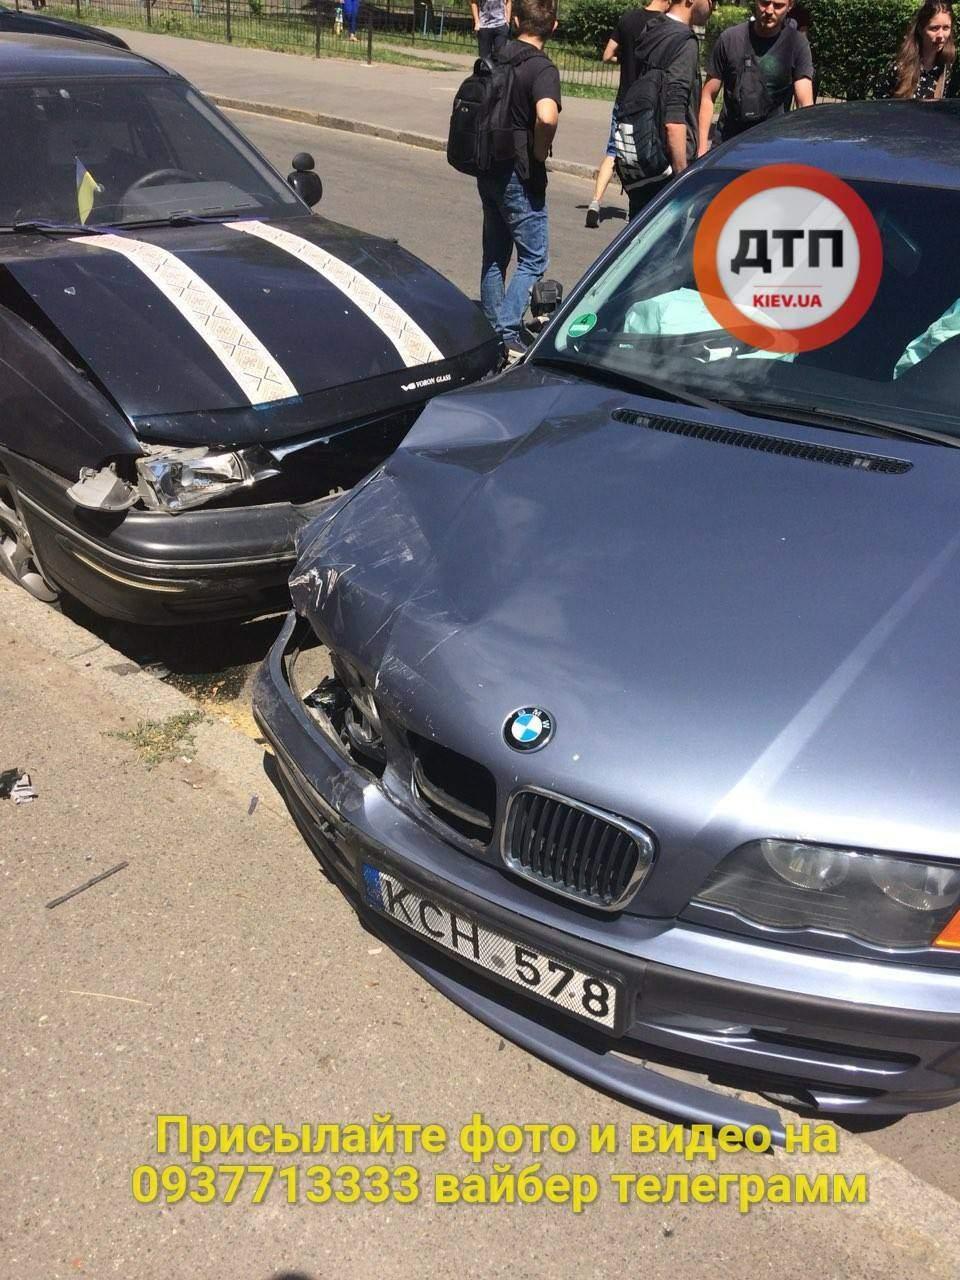 В Киеве произошло масштабное ДТП: виновник аварии сбежал (фото)